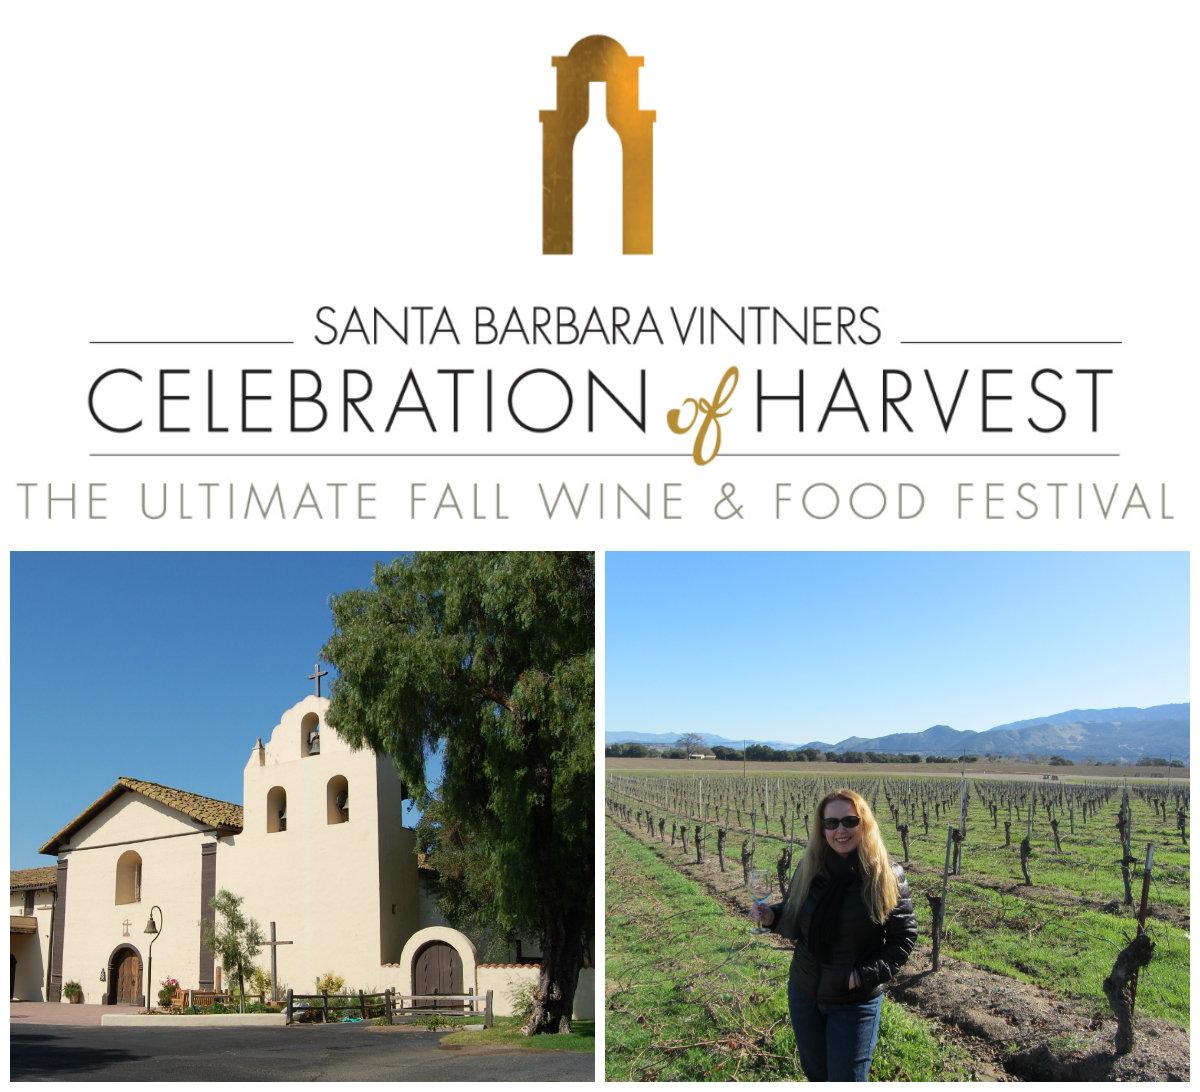 celebration of harvest, santa barbara vintner's, solvang, wine tasting